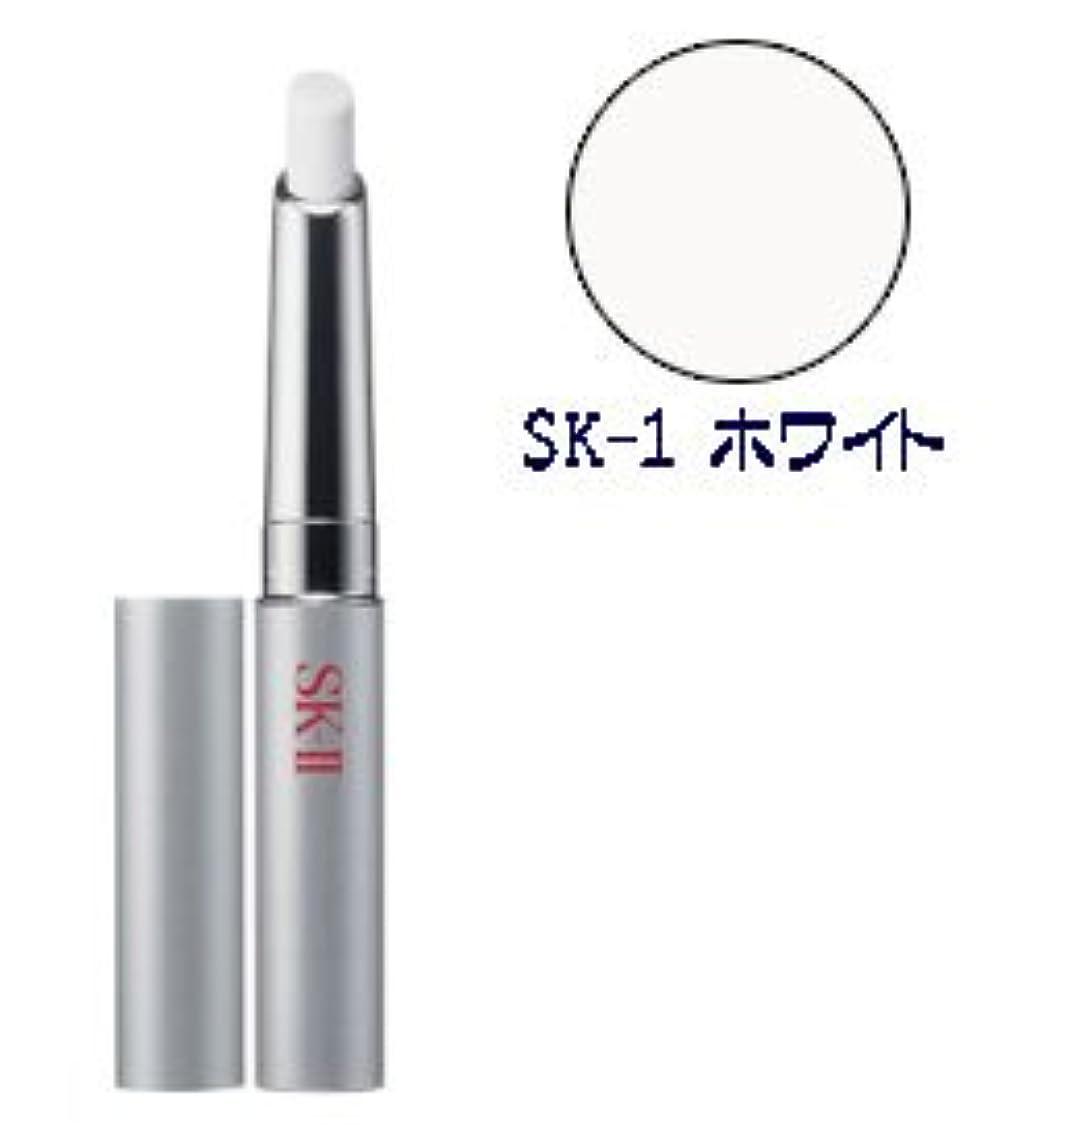 潮消費前提条件SK-II ホワイトニングスポッツイレイス(SK-1)